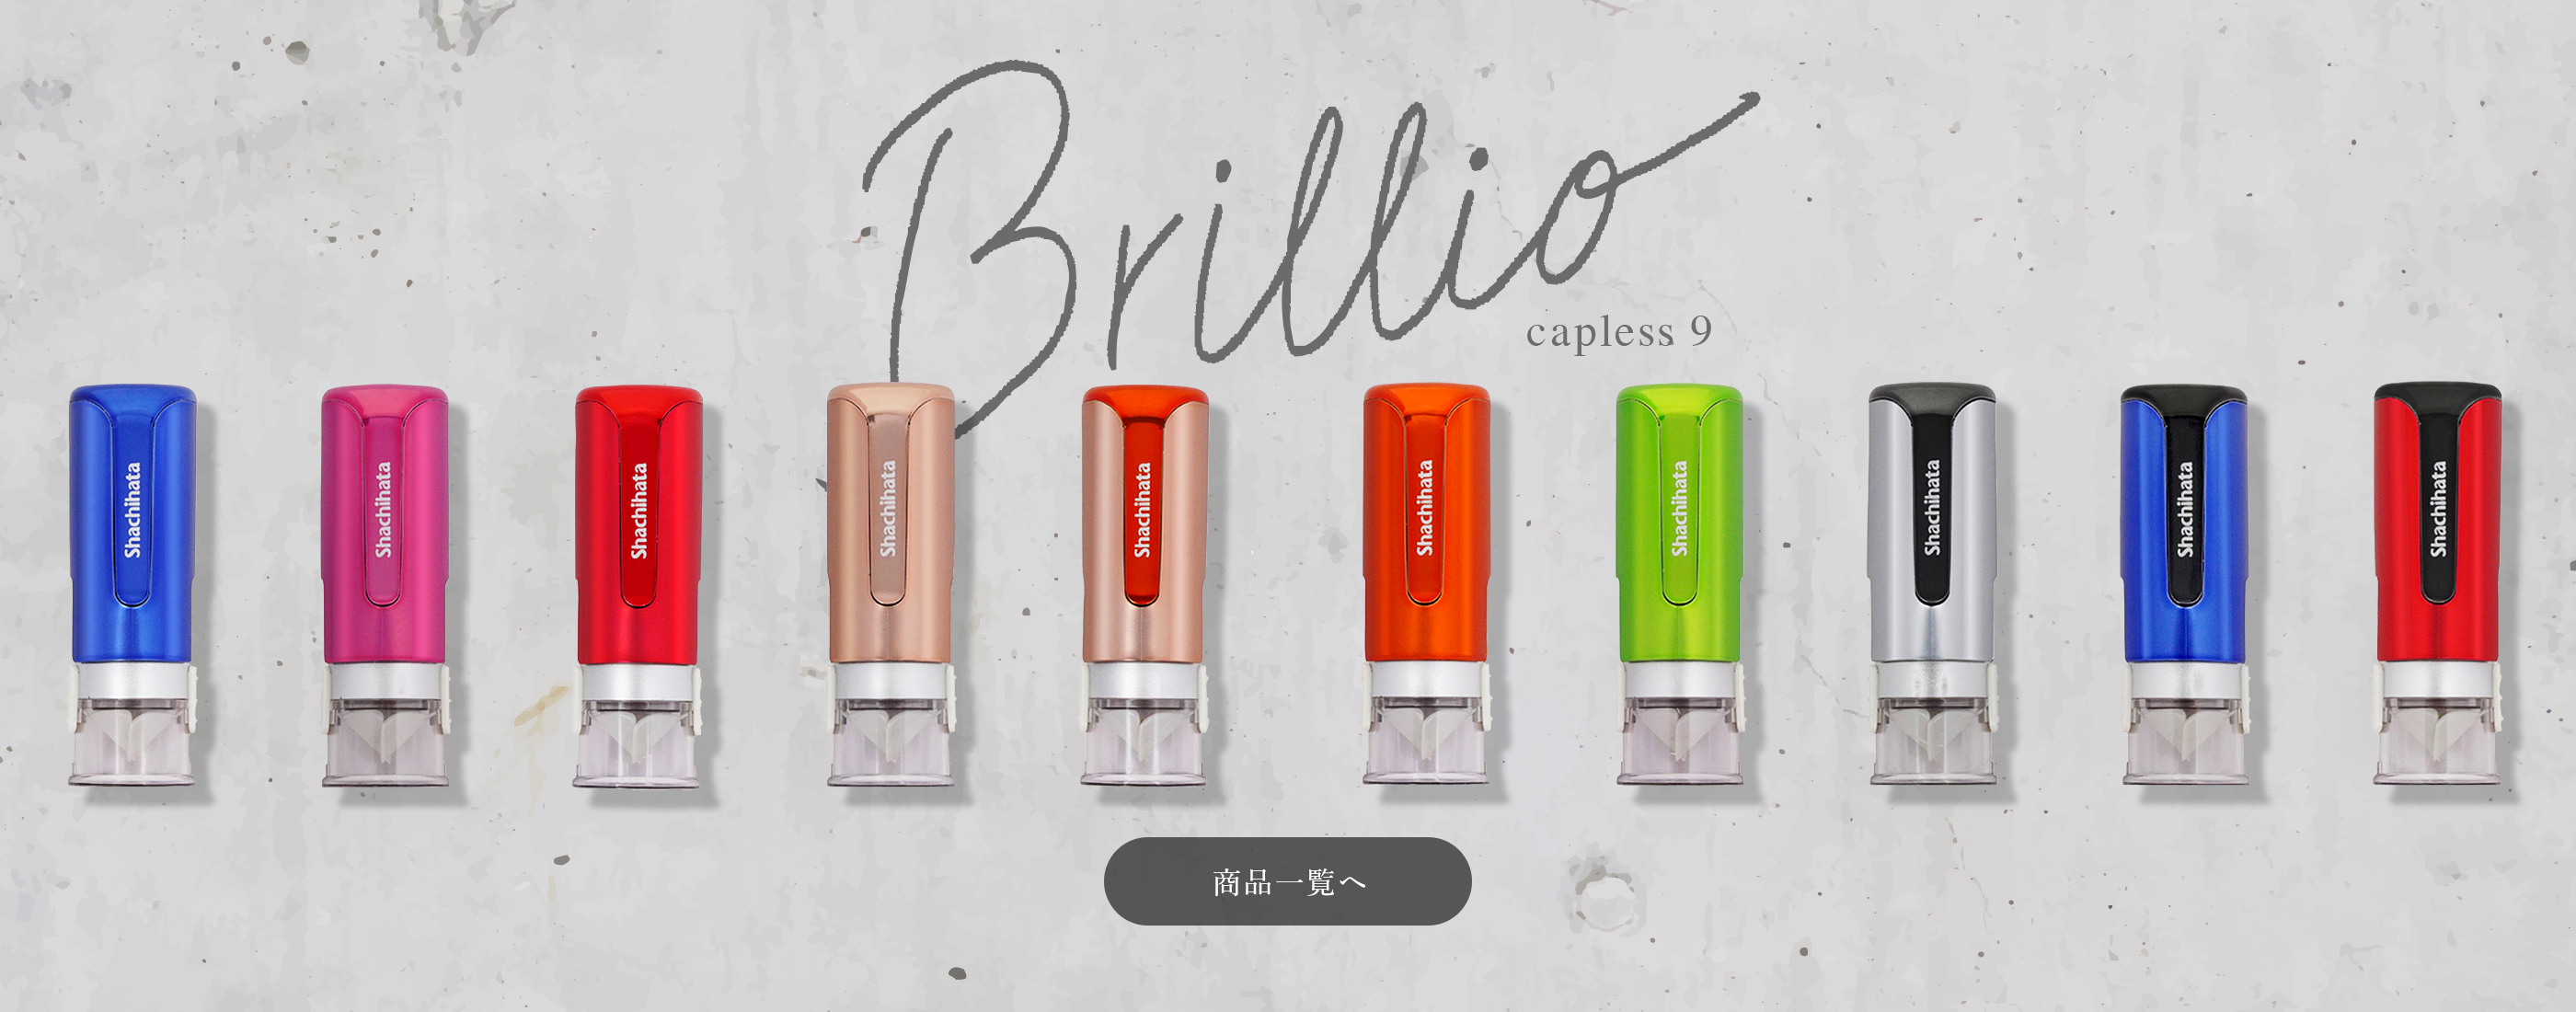 キャップレス9 Brillio(ブリリオ)